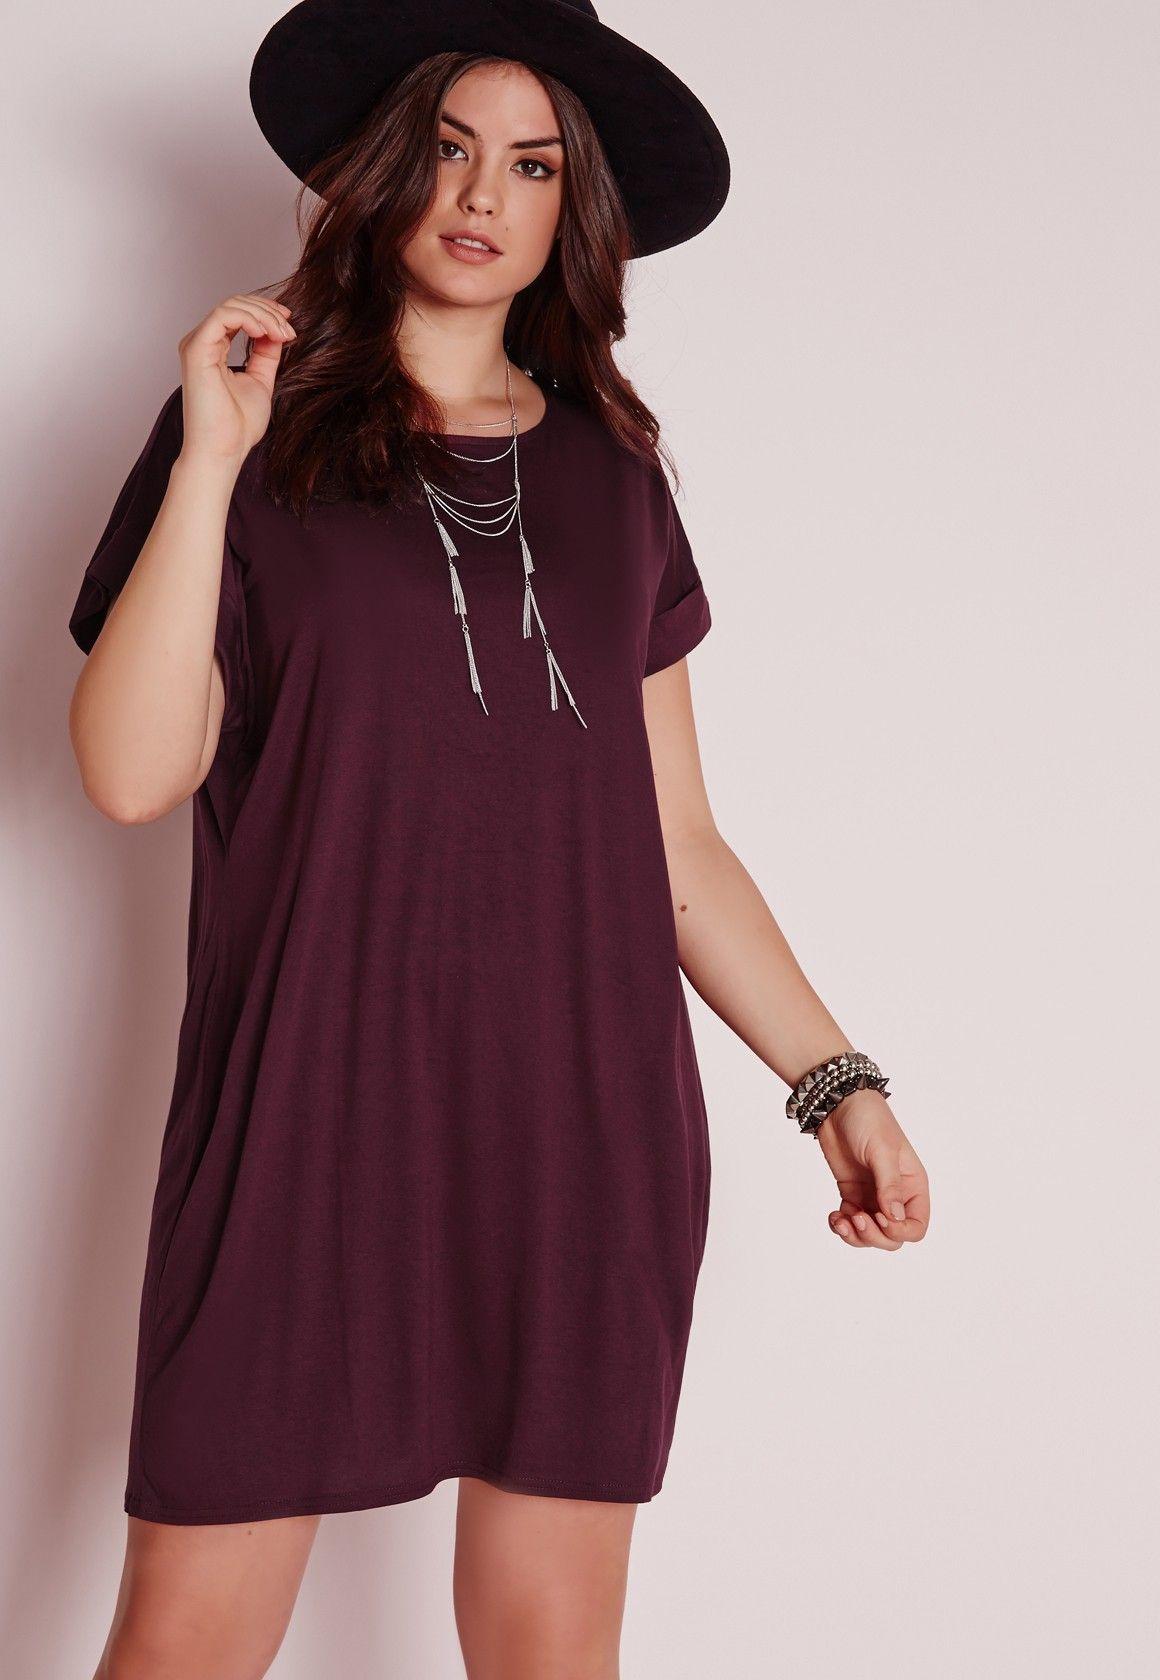 Tee shirt dresses for women plus